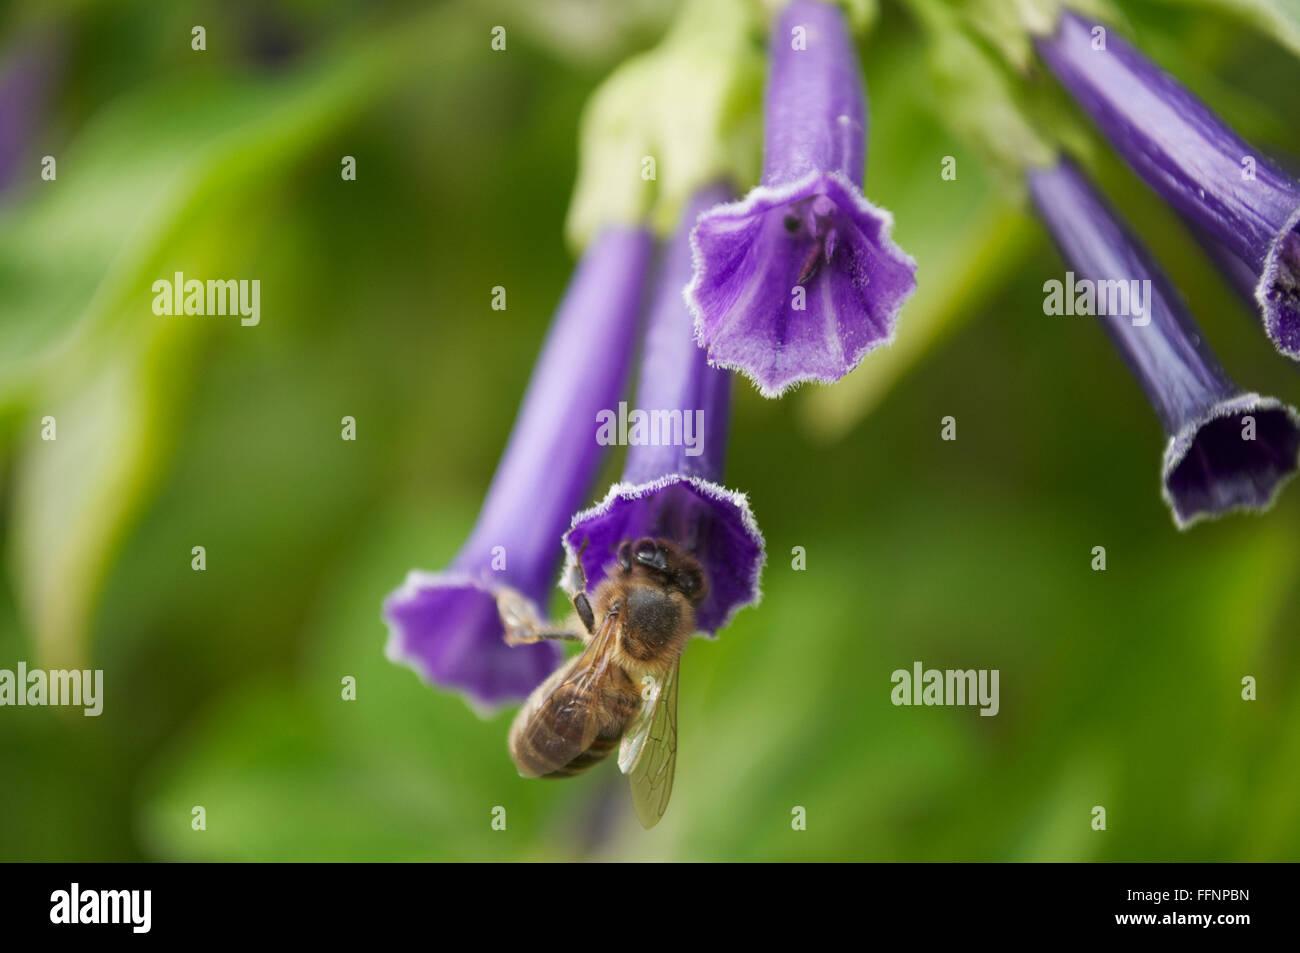 auf der Hintergrund der grünen Blätter, blaue Blume und Biene Stockbild